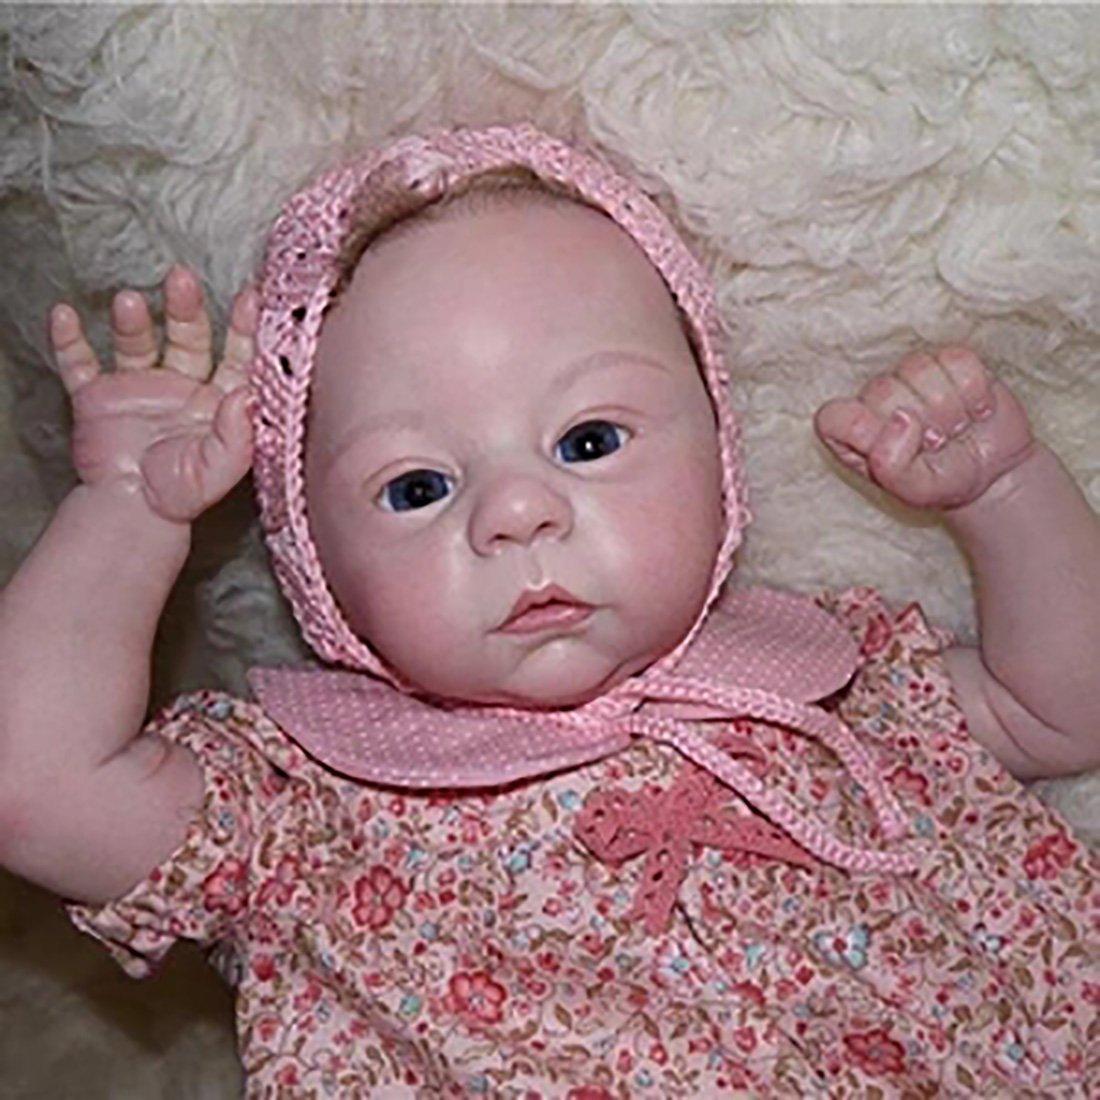 21 Pouces / 53CM Mignon Corps Reborn Baby Poupées Look Real Collection Nouveau, Né Poupée pour Fille